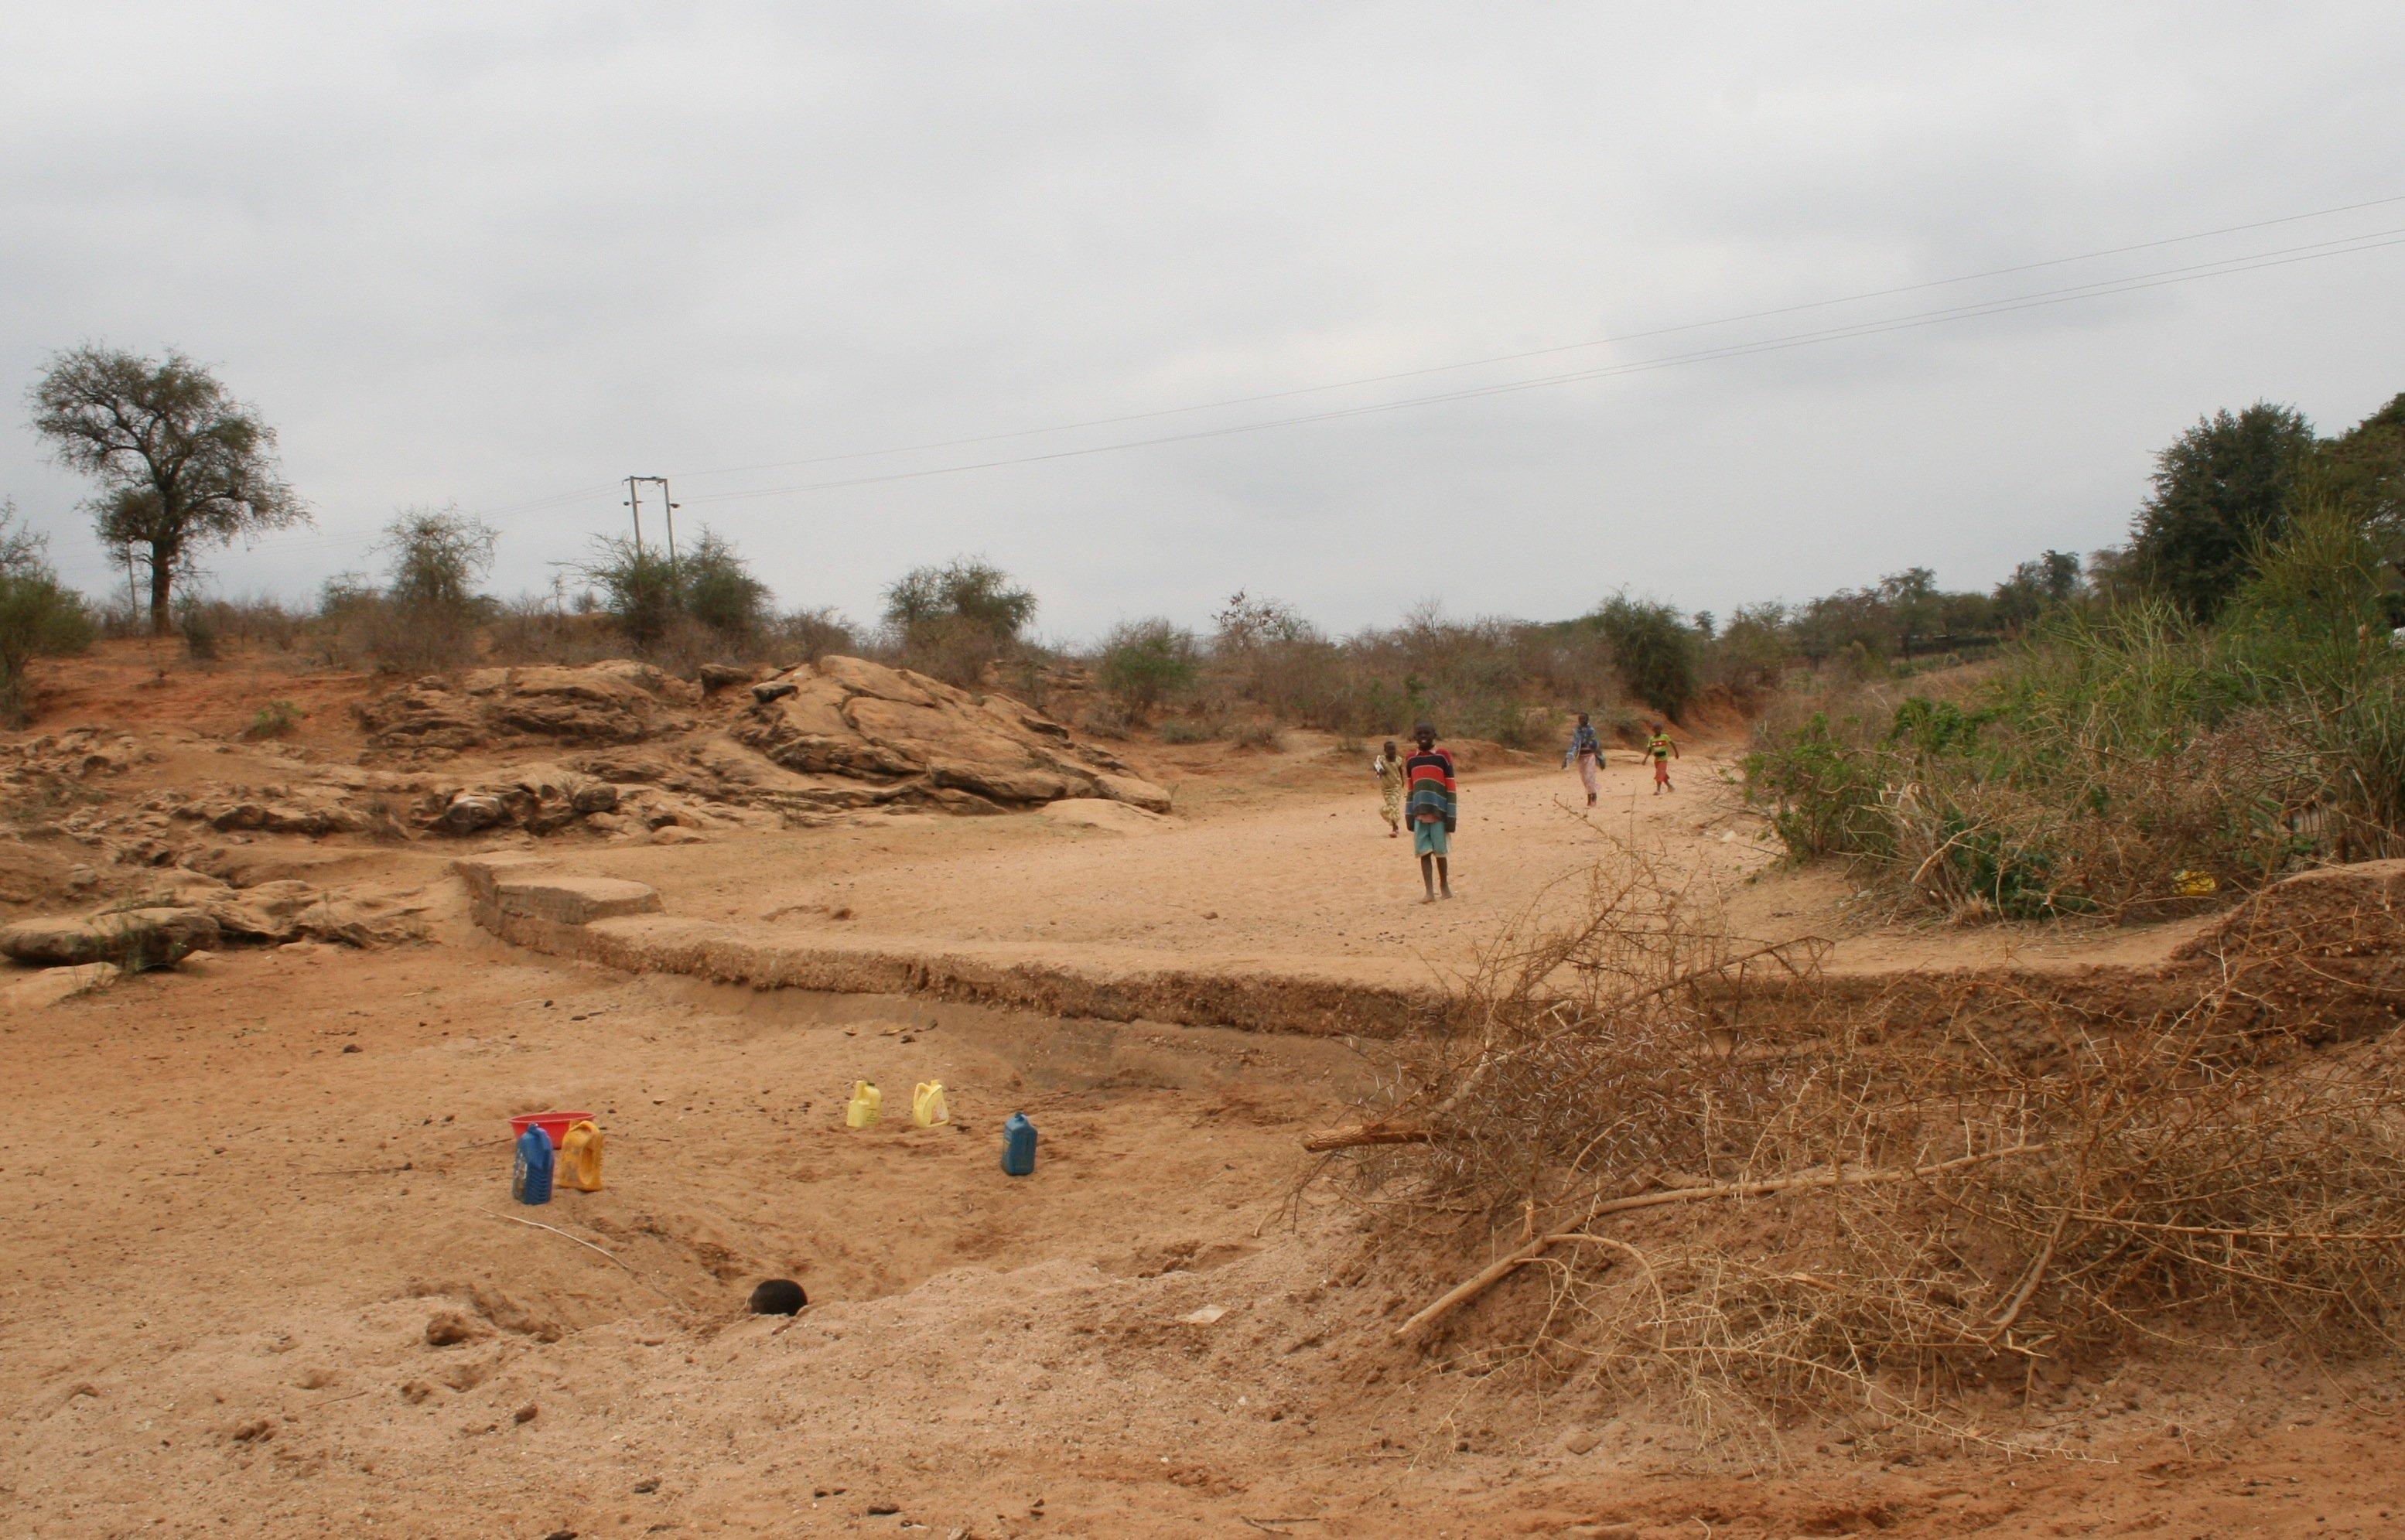 Sanddamm in einem Flussbett in Kenia: Nach diesem Vorbild will die Initiative